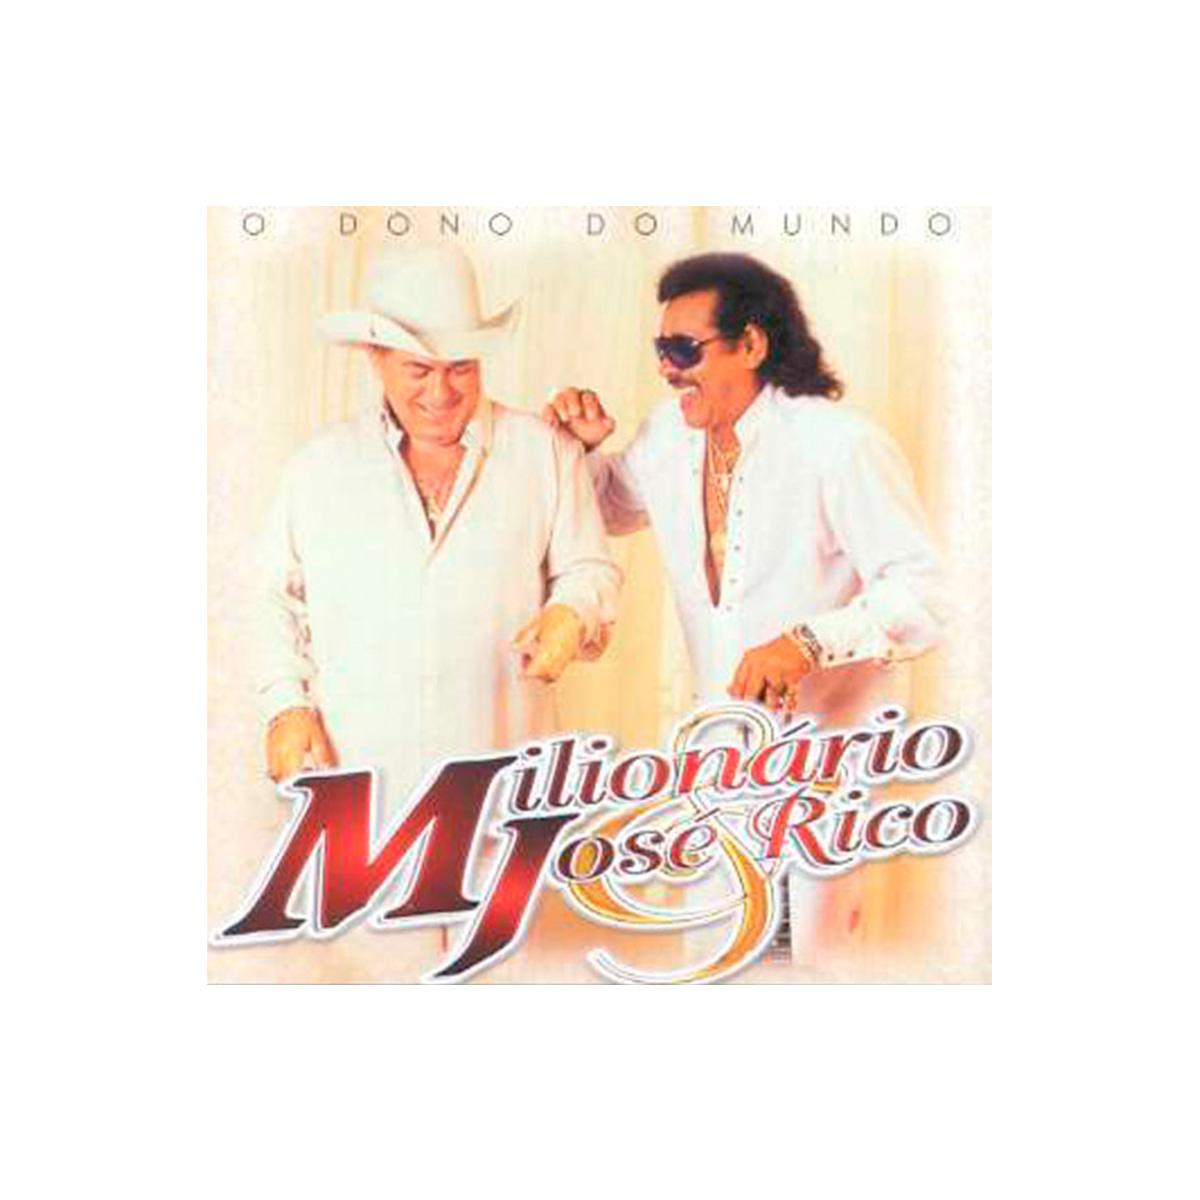 CD Milionário & José Rico O Dono do Mundo Volume 26